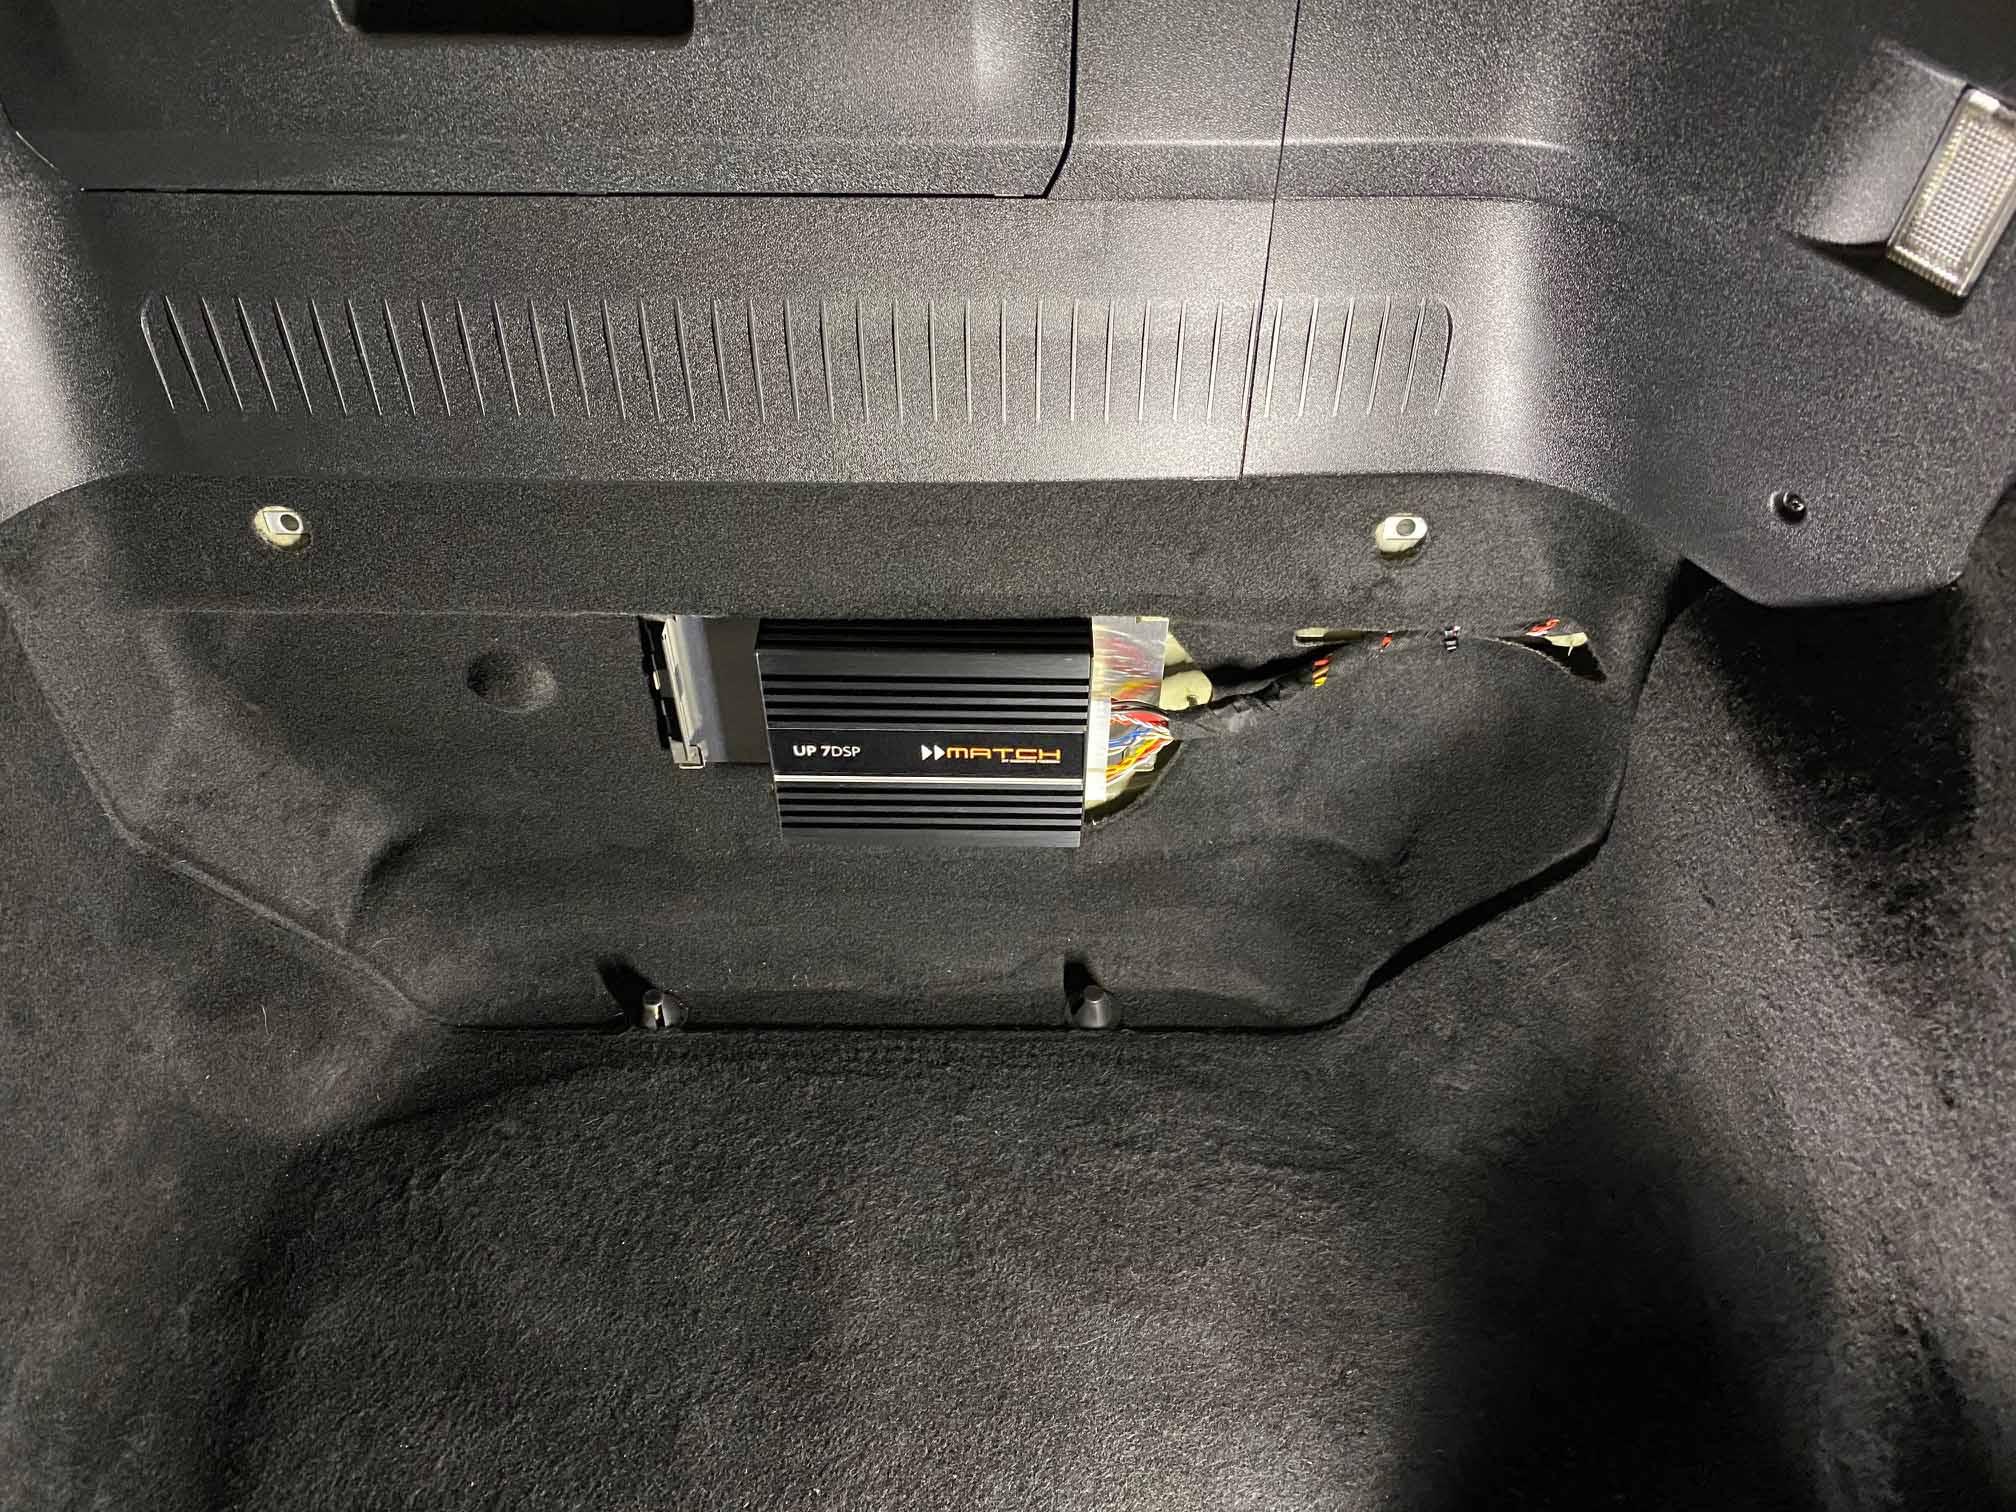 Nachrüstverstärker im Porsche Koferraums